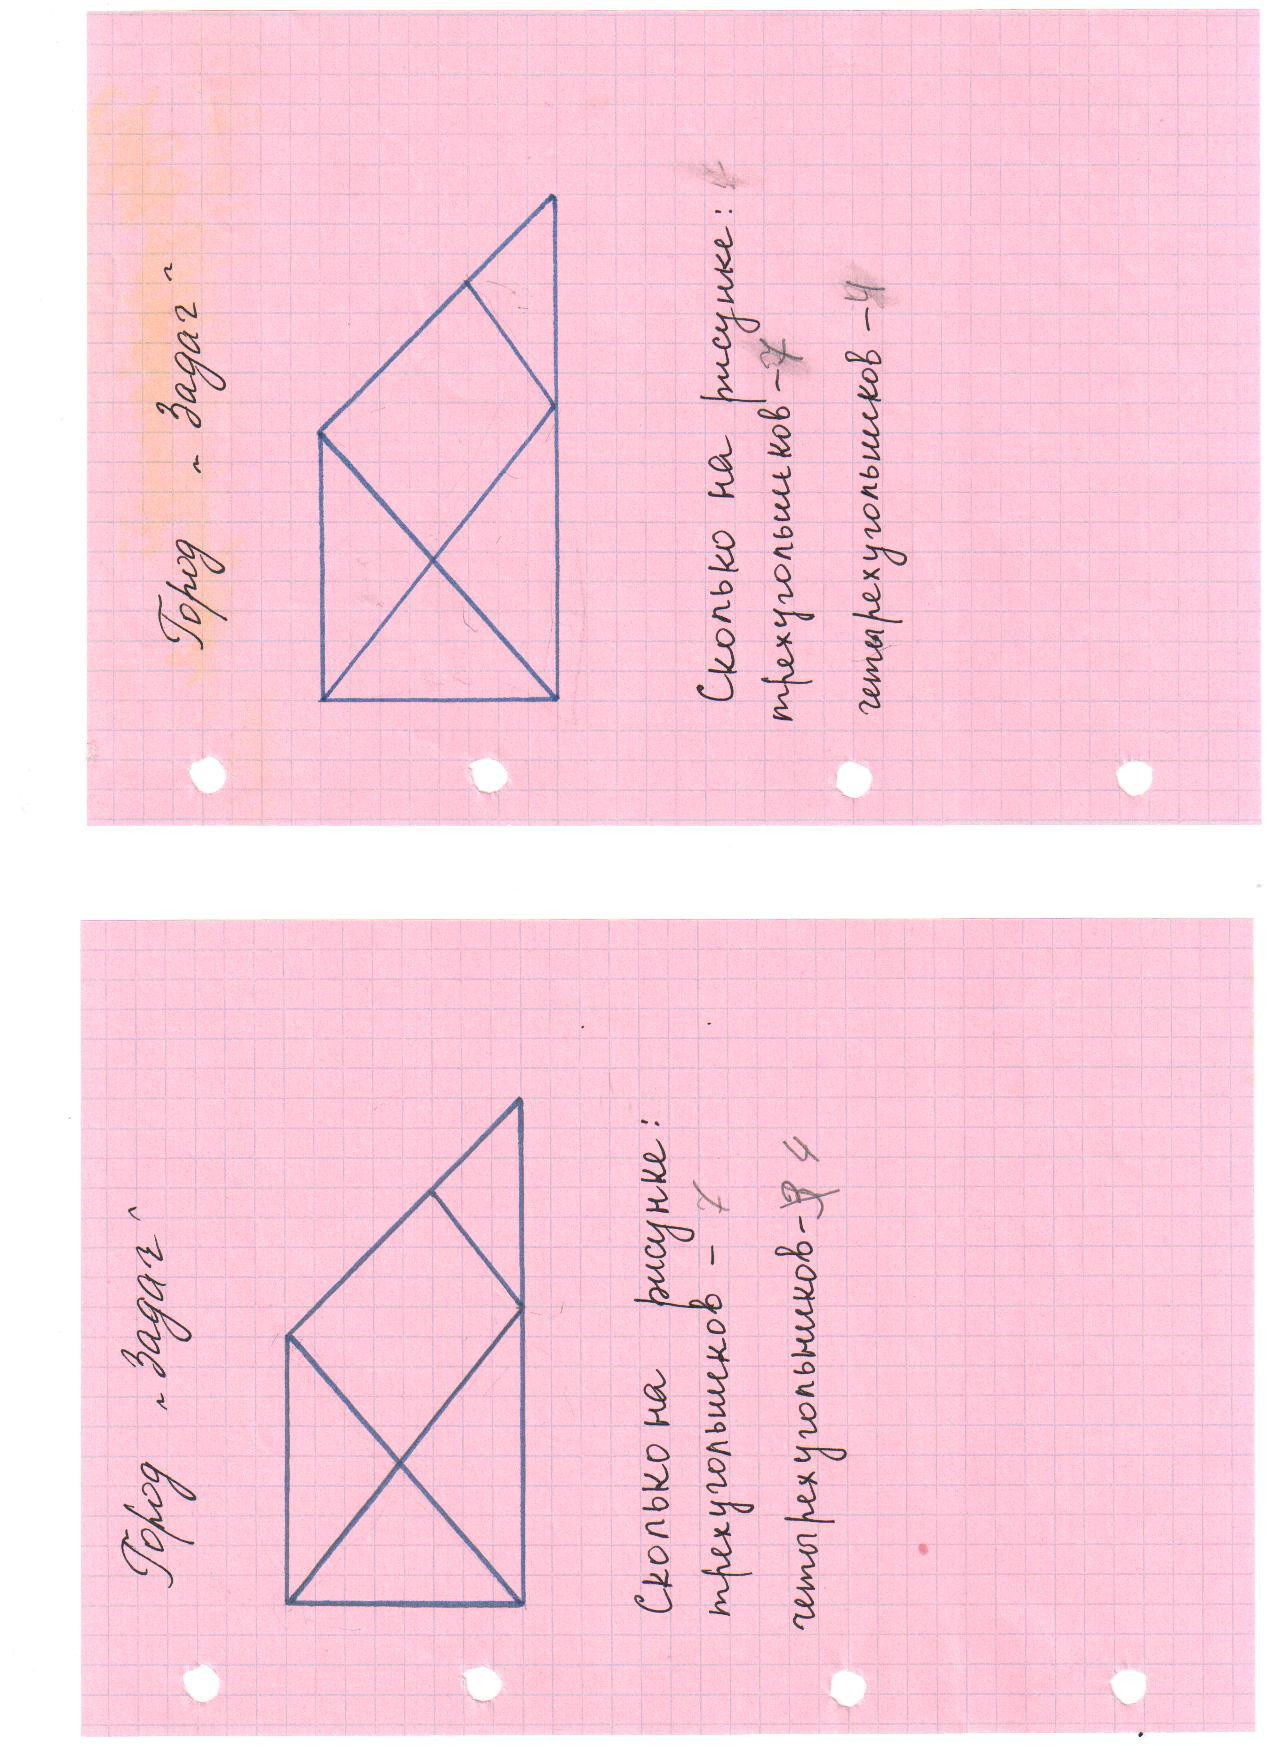 C:\Documents and Settings\Admin\Мои документы\Мои рисунки\Изображение\Изображение 065.jpg